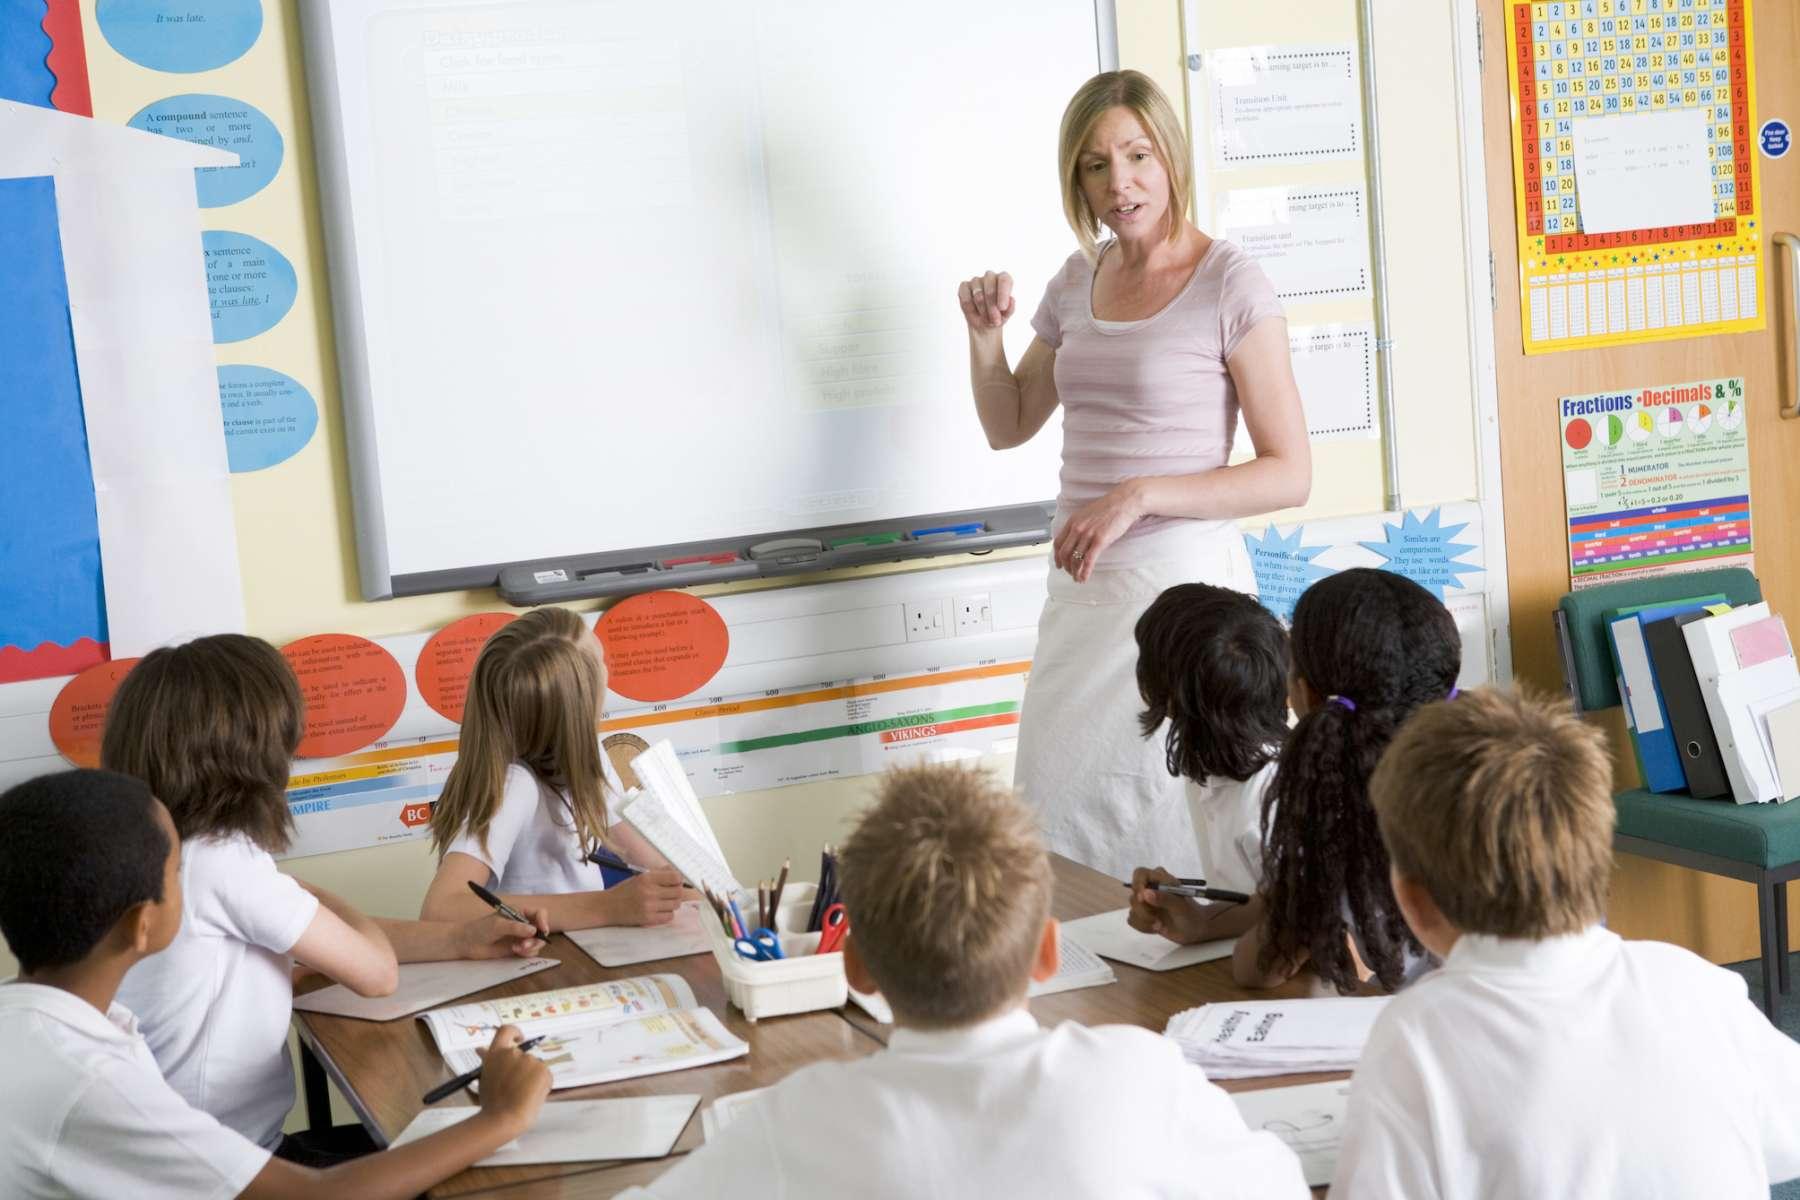 Indicateurs de l'enseignement : « Les rapports se suivent comme les constats, mais le gouvernement PS-cdH aura perdu une législature ! »